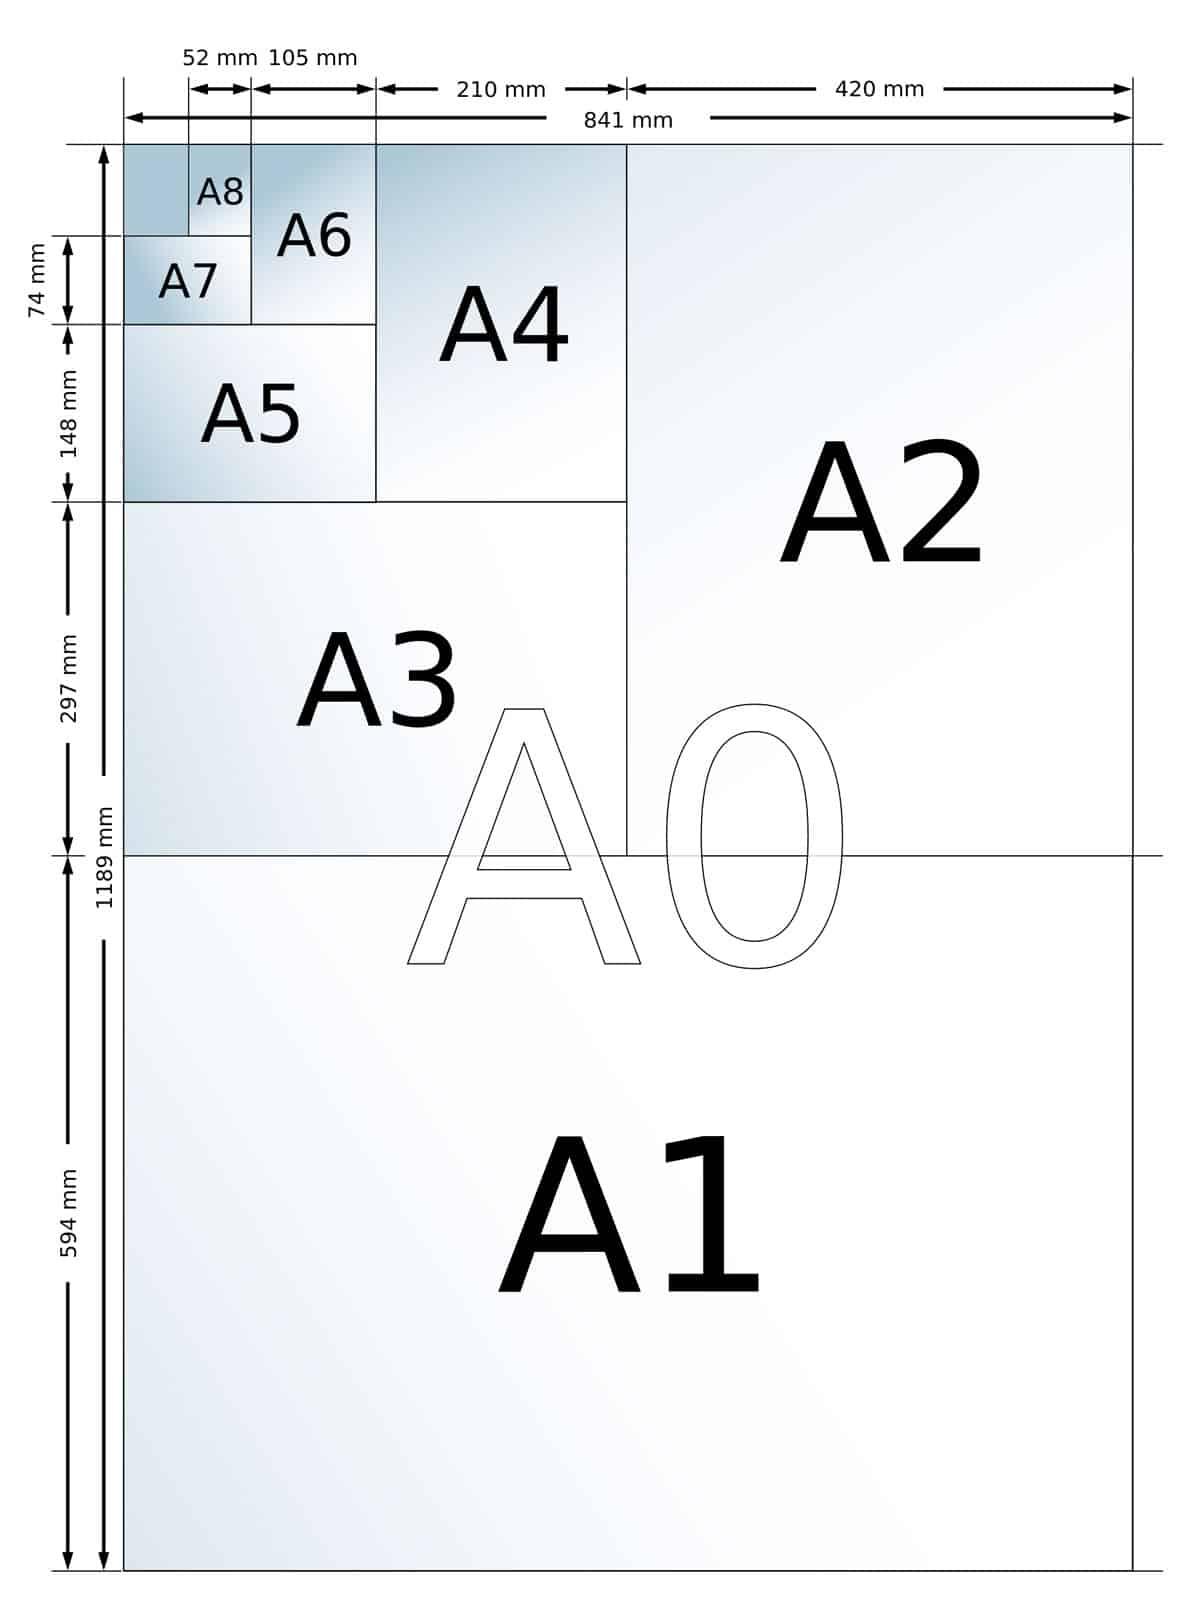 A size - ขนาดกระดาษ A4 ขนาดกระดาษ A5 คือเท่าไหร่ ? แล้วกระดาษมีกี่ขนาดกันแน่ แต่ละแบบขนาดละเท่าไหร่บ้าง ?